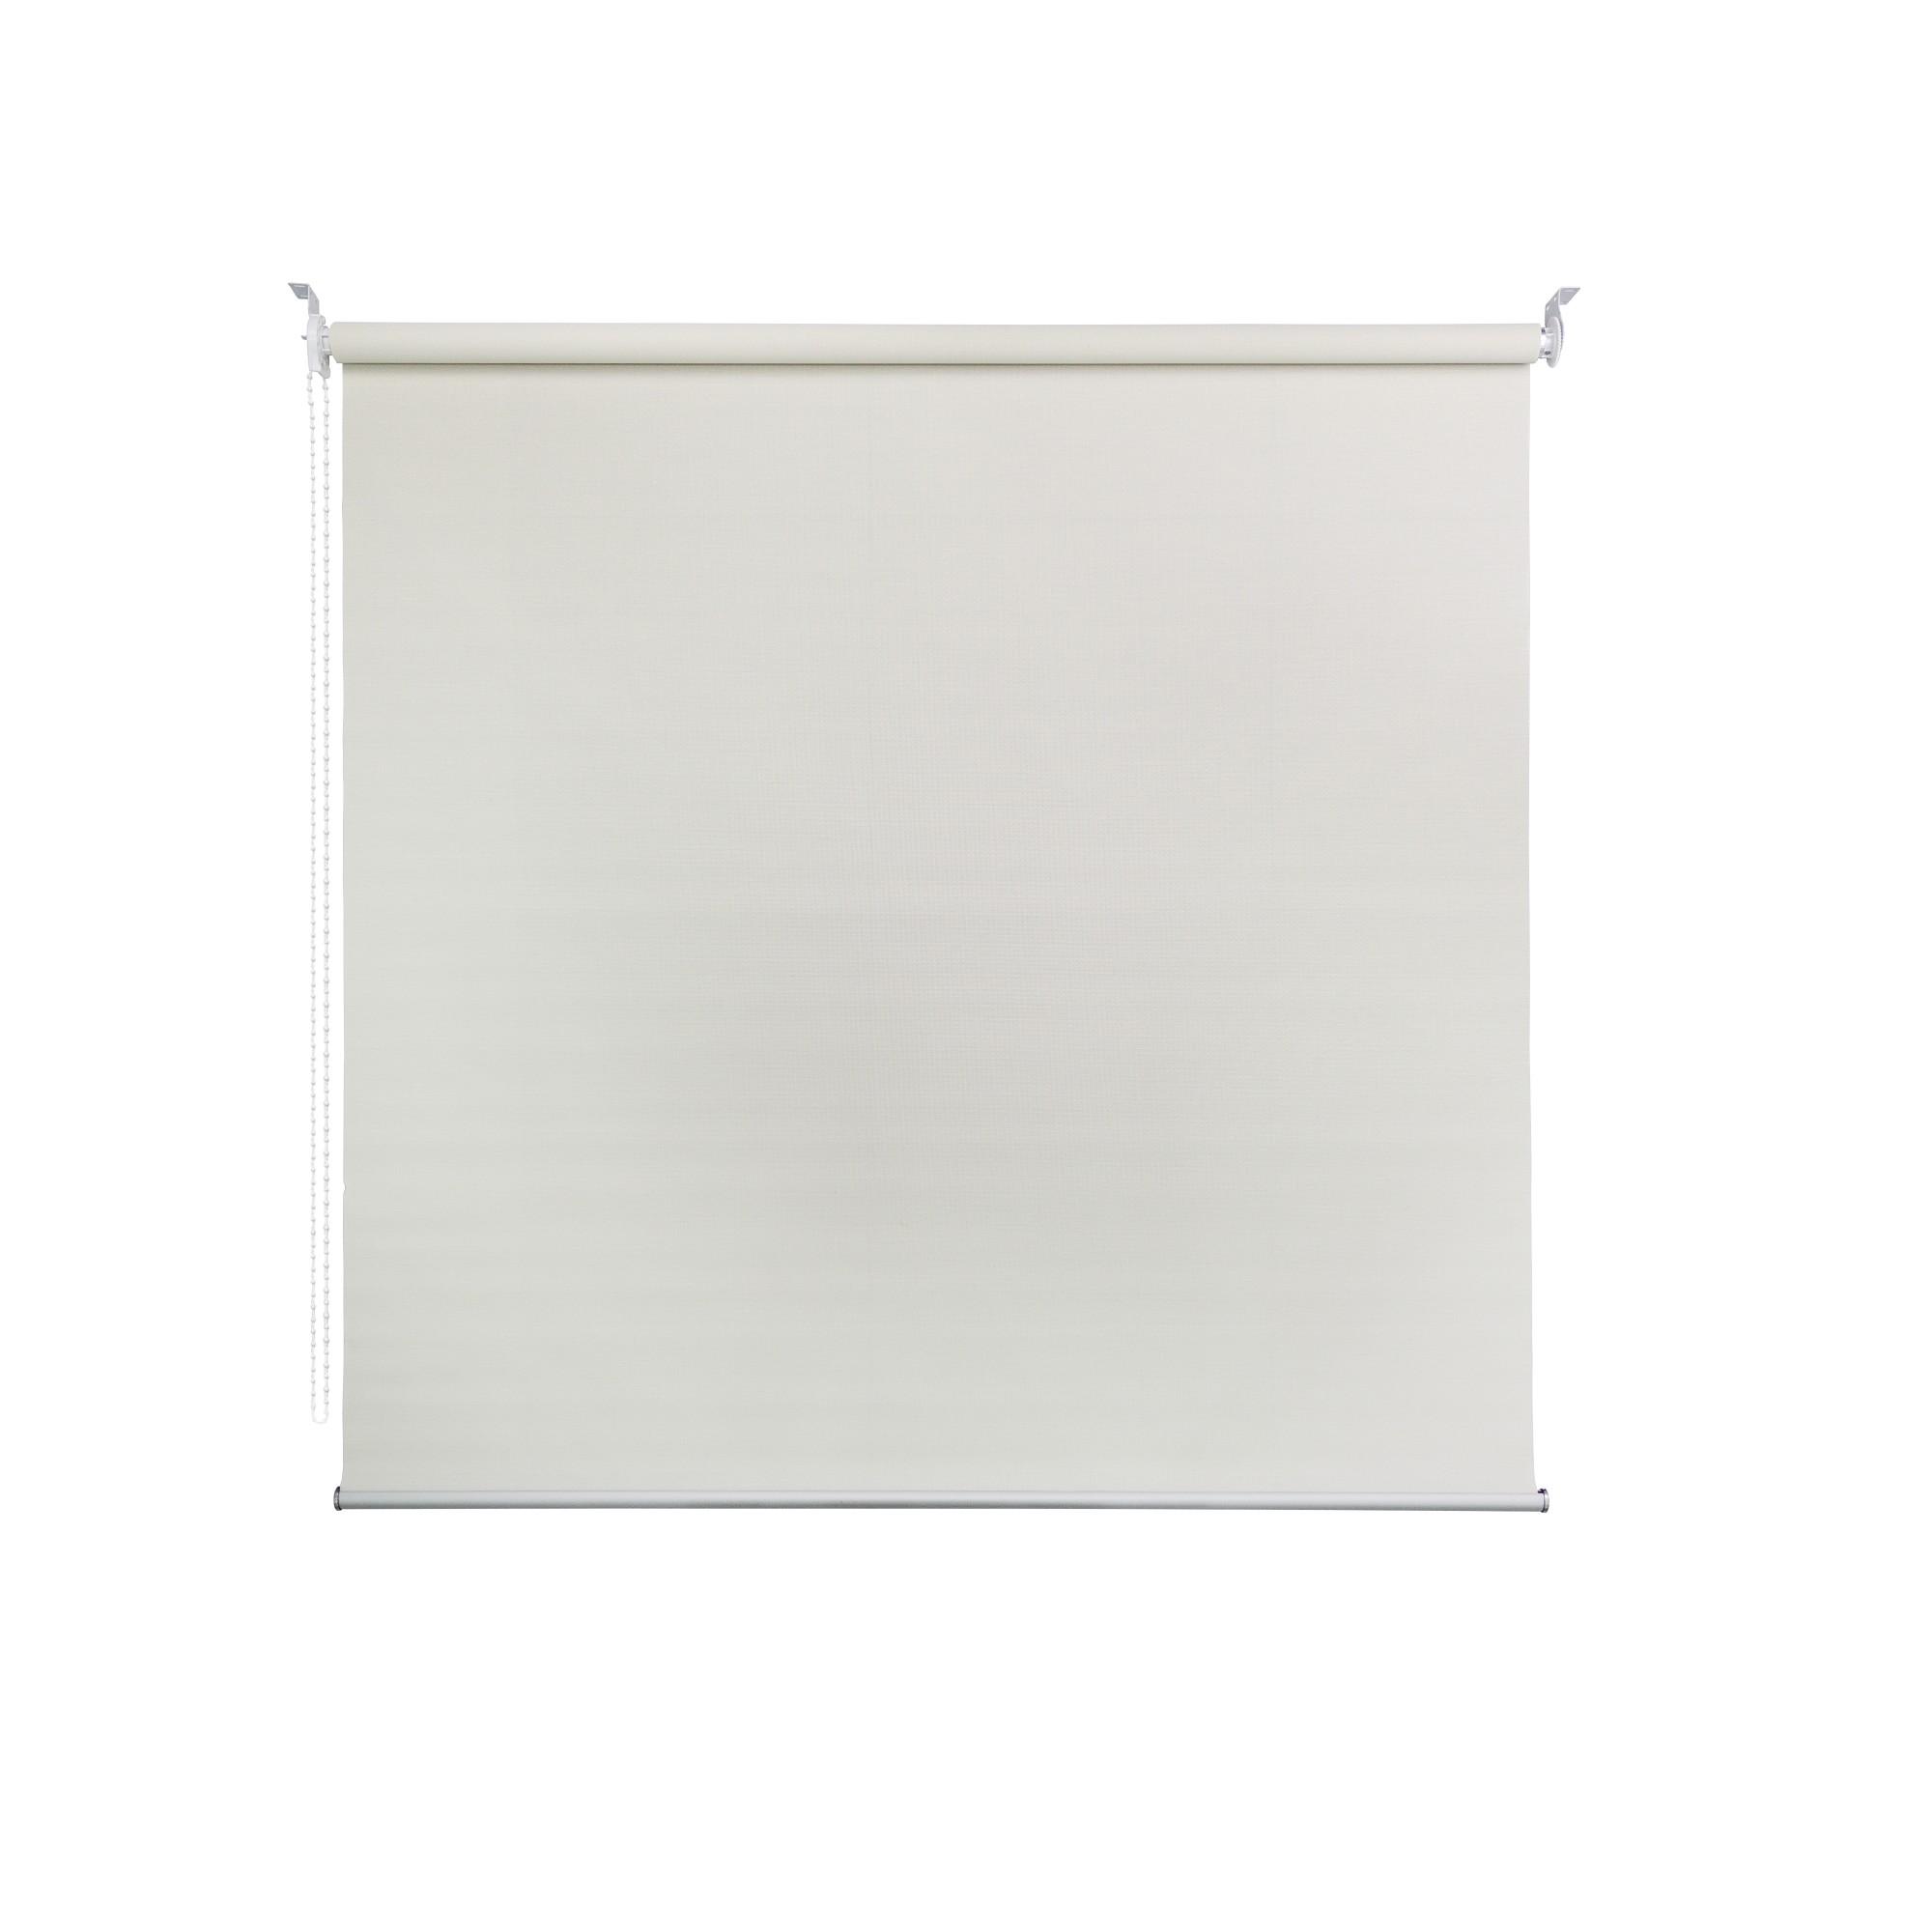 Persiana Rolo Poliester e PVC 140x170 cm Bege 50A08 - Jolie